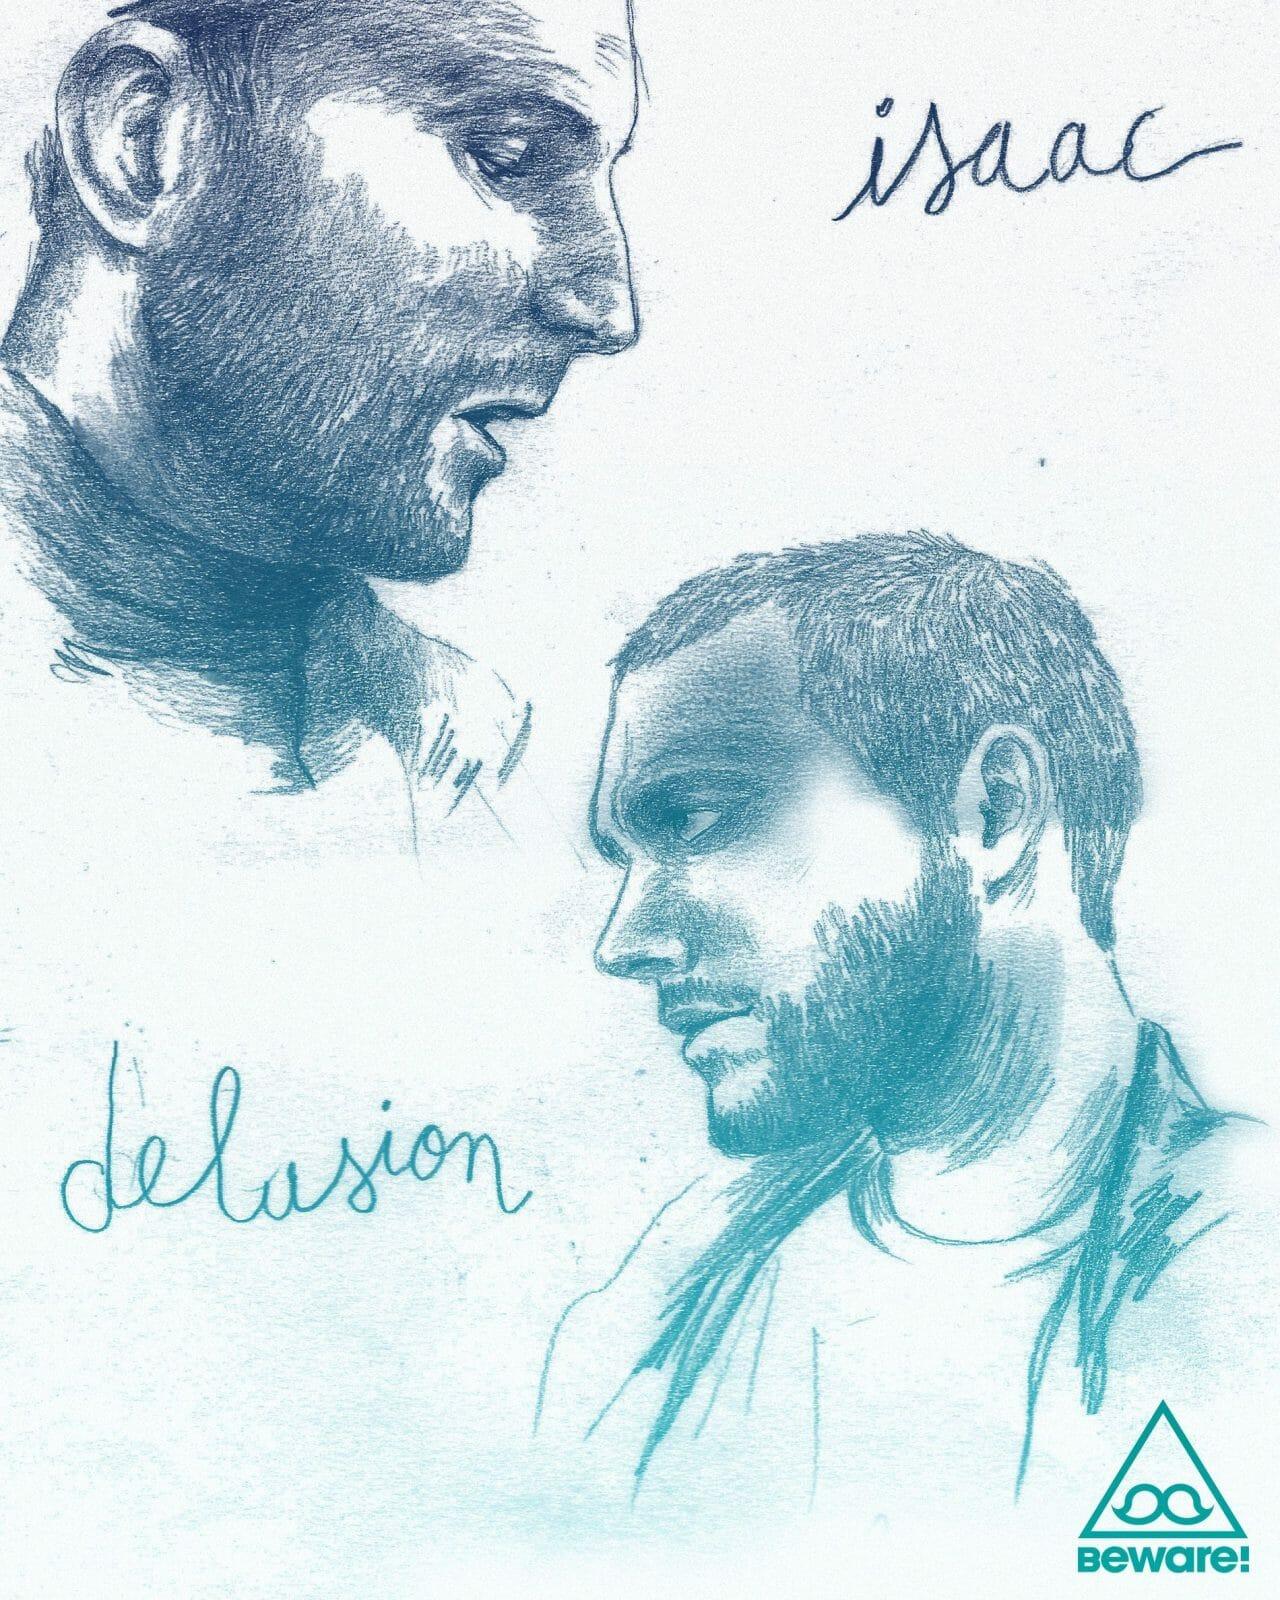 ISAAC DELUSION / Interview en exclu pour leur premier album ! 1